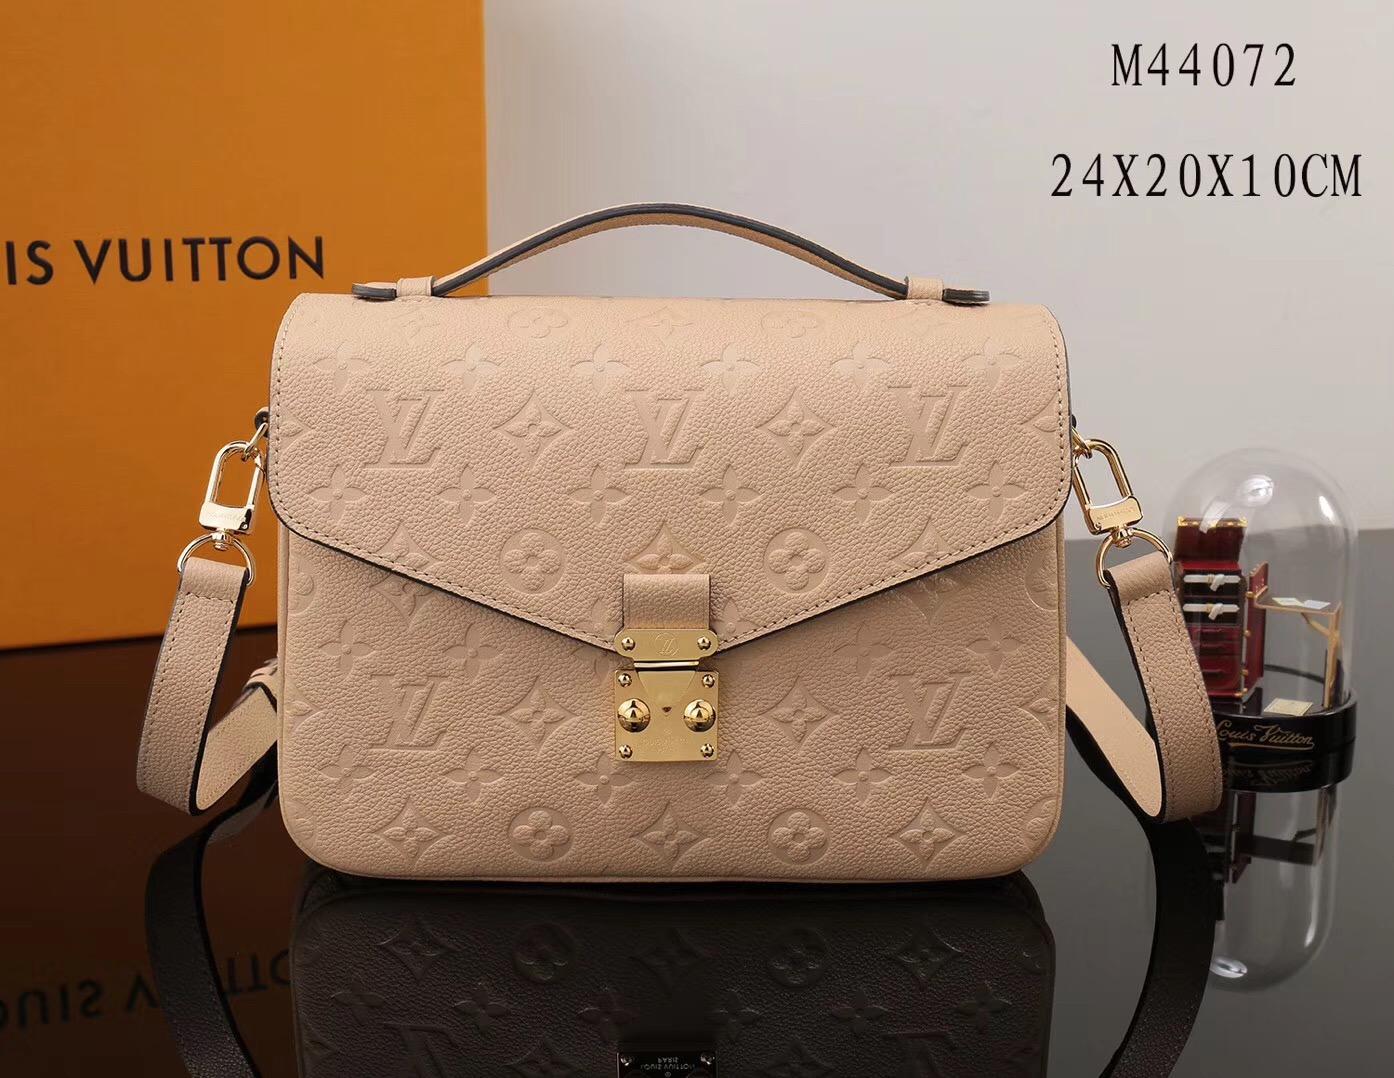 47f6c6bdb812 LV Louis Vuitton Pochette Metis Shoulder Leather bags M44072 Handbags Beige  ...